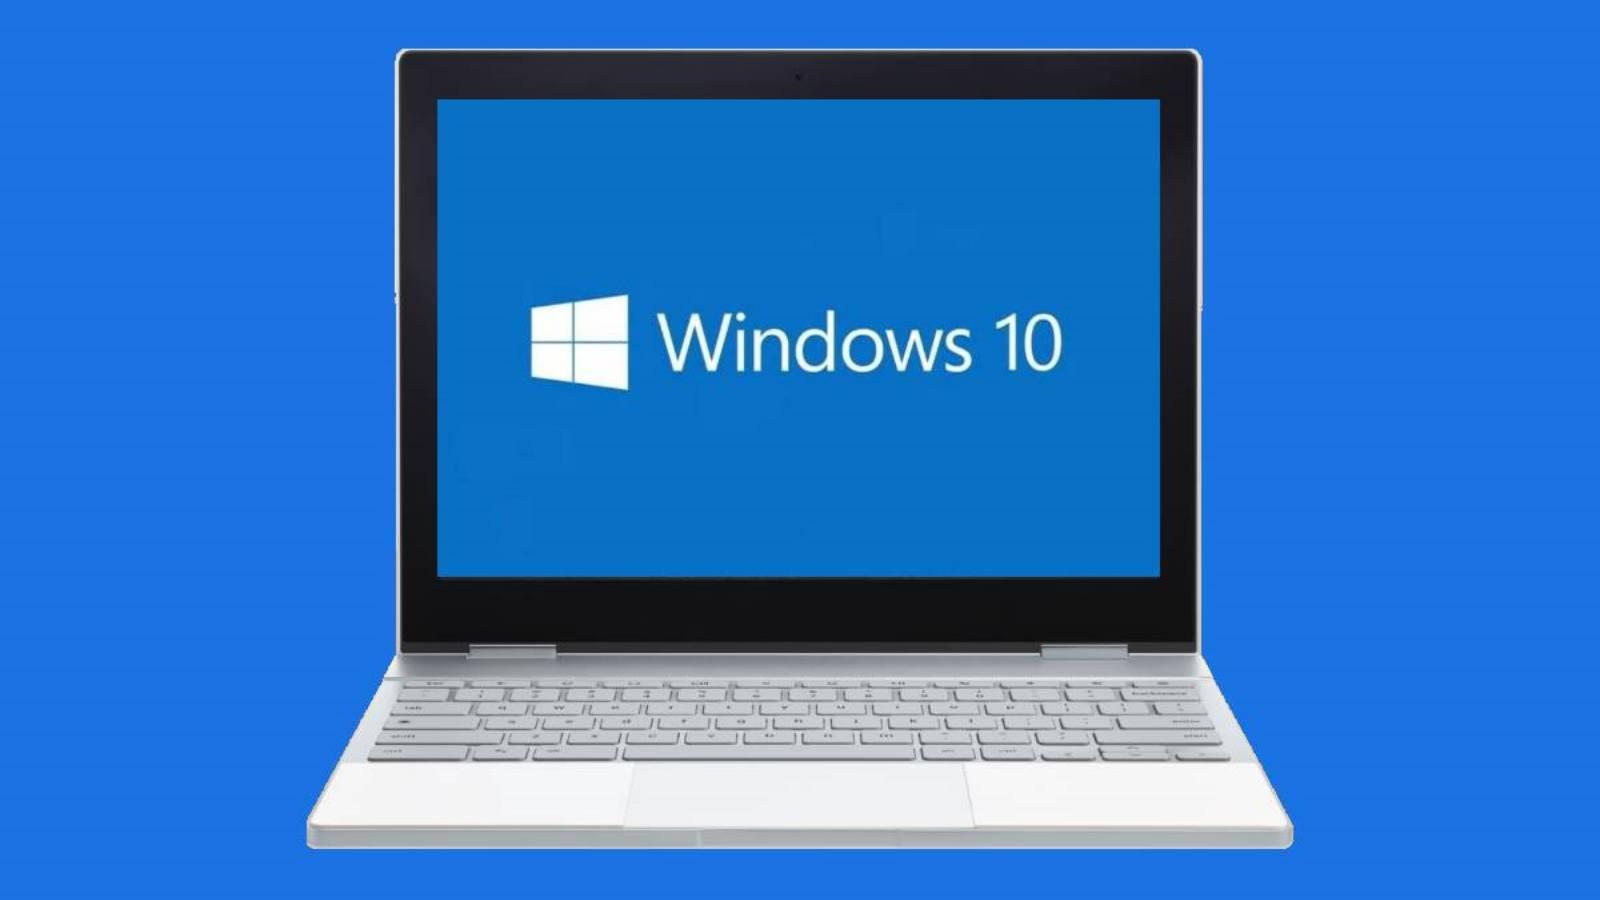 Windows 10 swiftkey